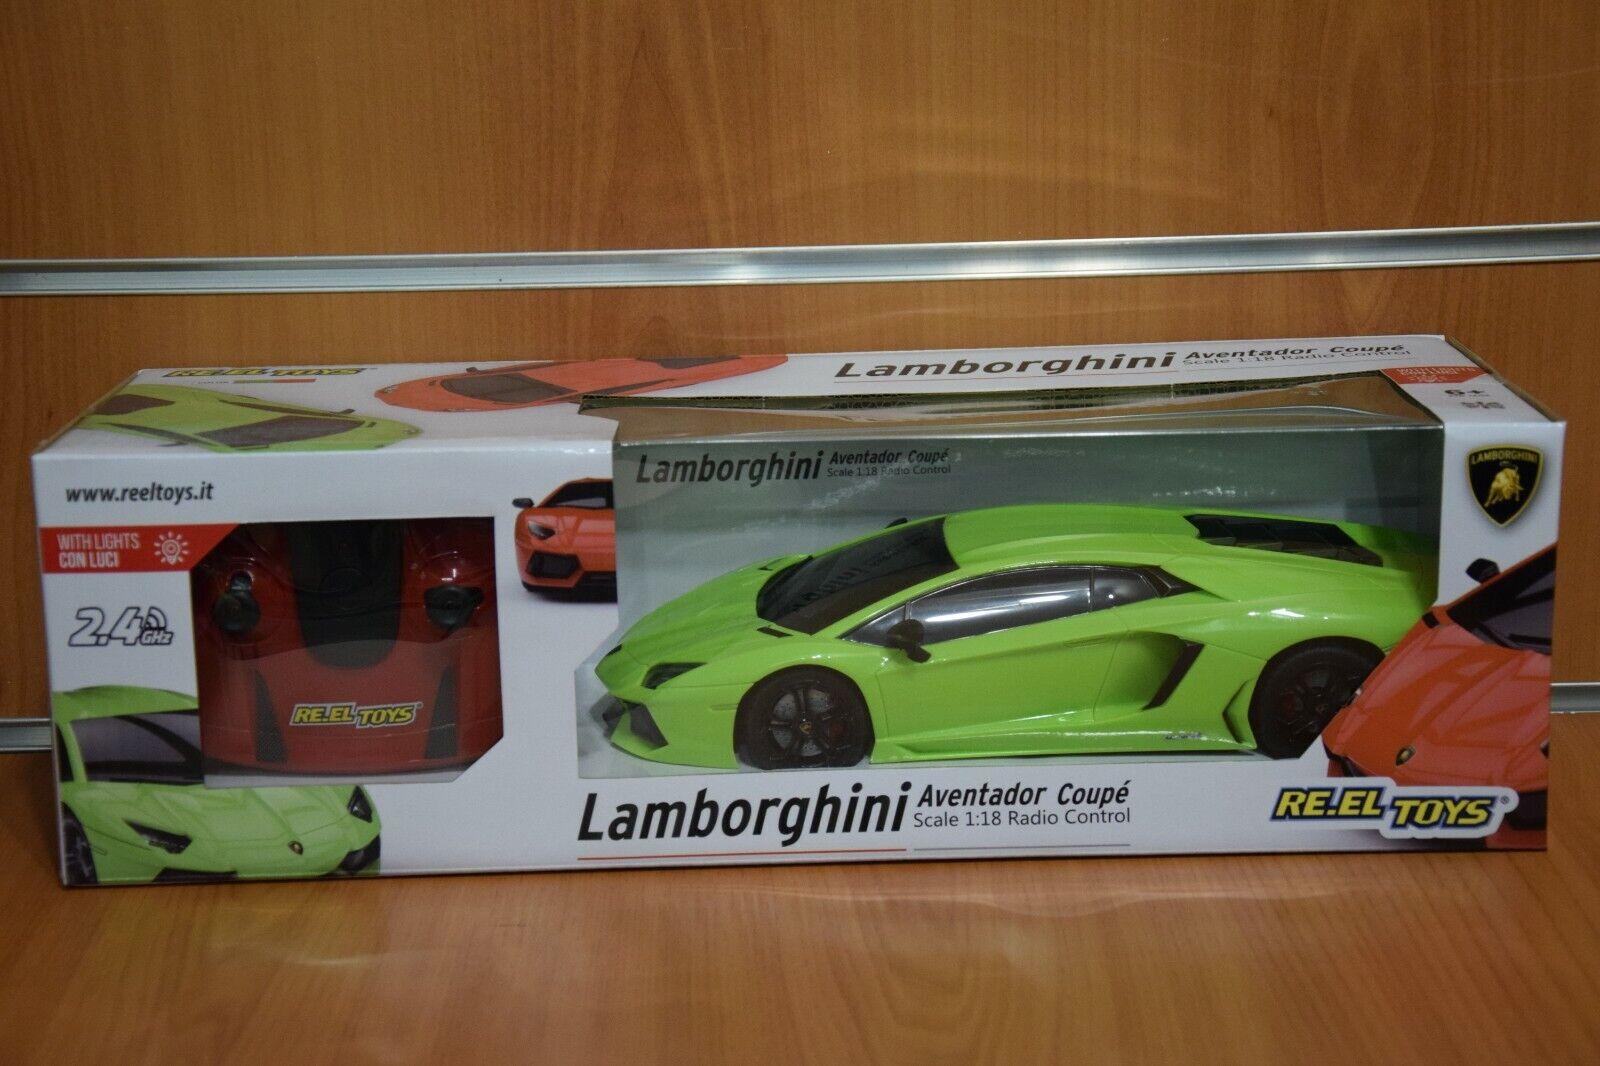 Lamborghini Aventador Coupé 1 18 Radio Control 2.4 GHz Articolo Ufficiale